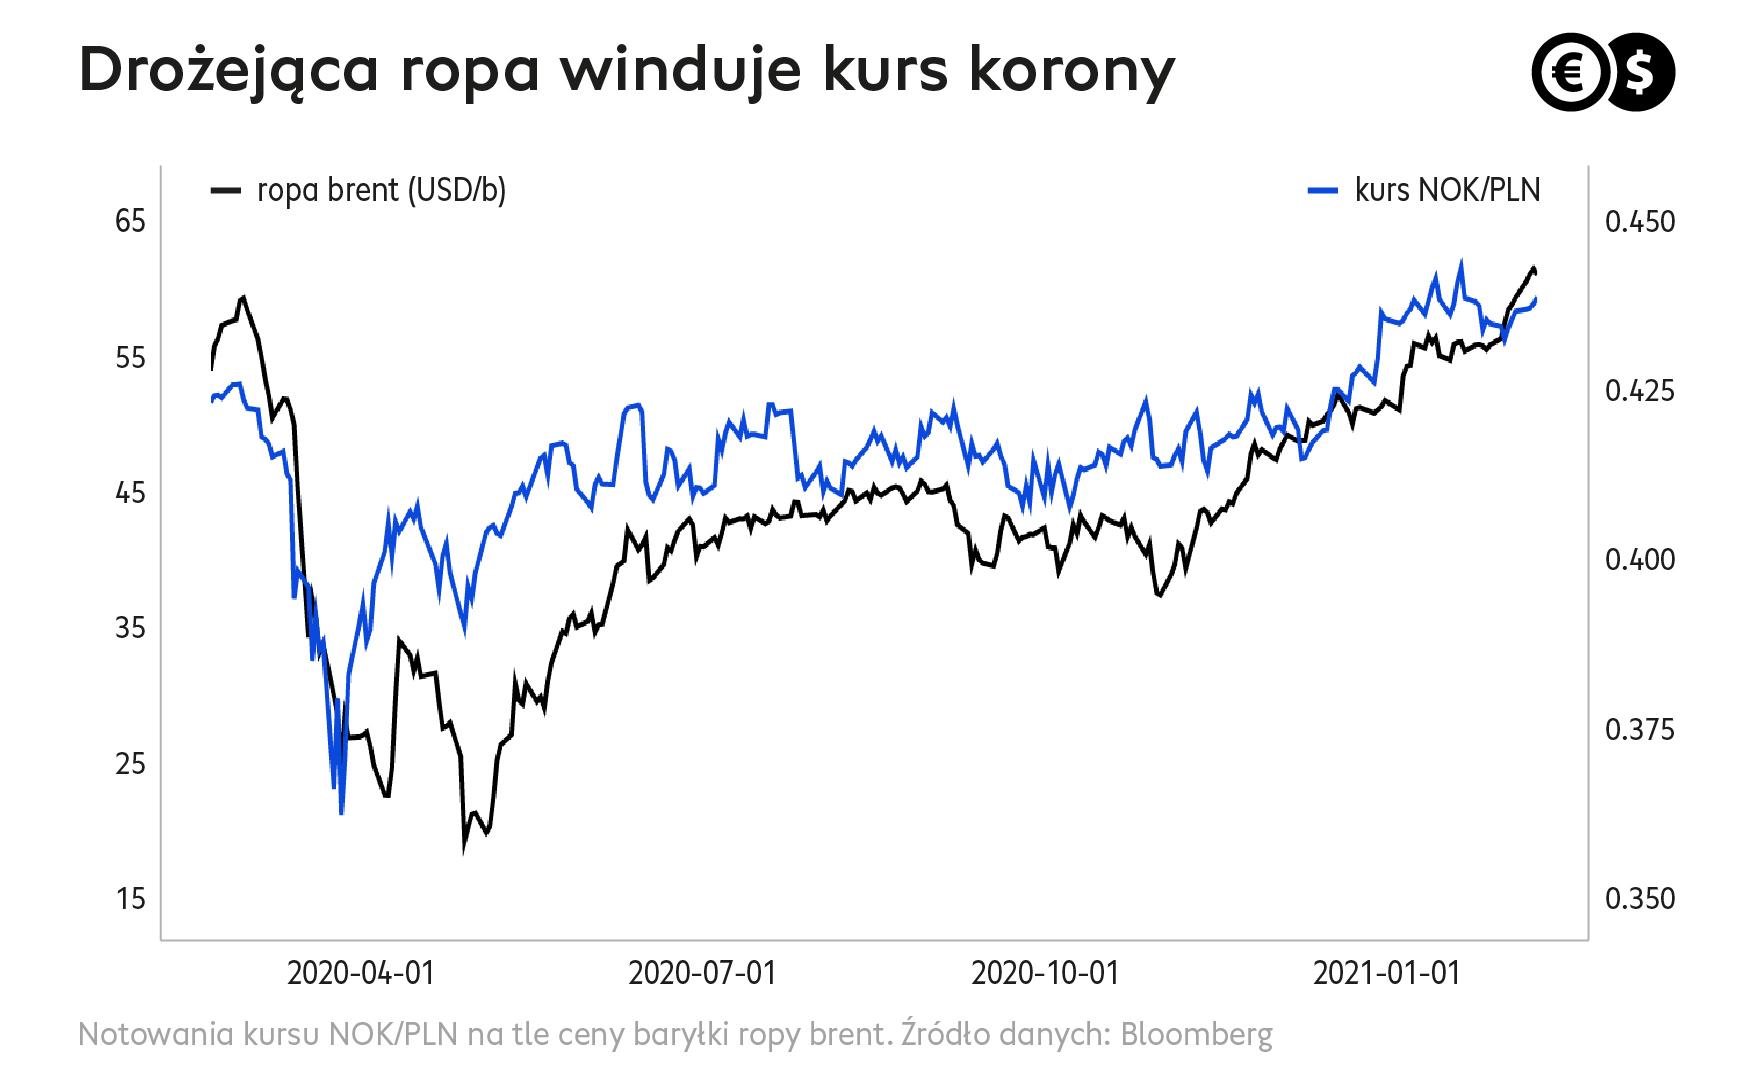 Cinkciarz.pl: Drożejąca ropa winduje kurs korony